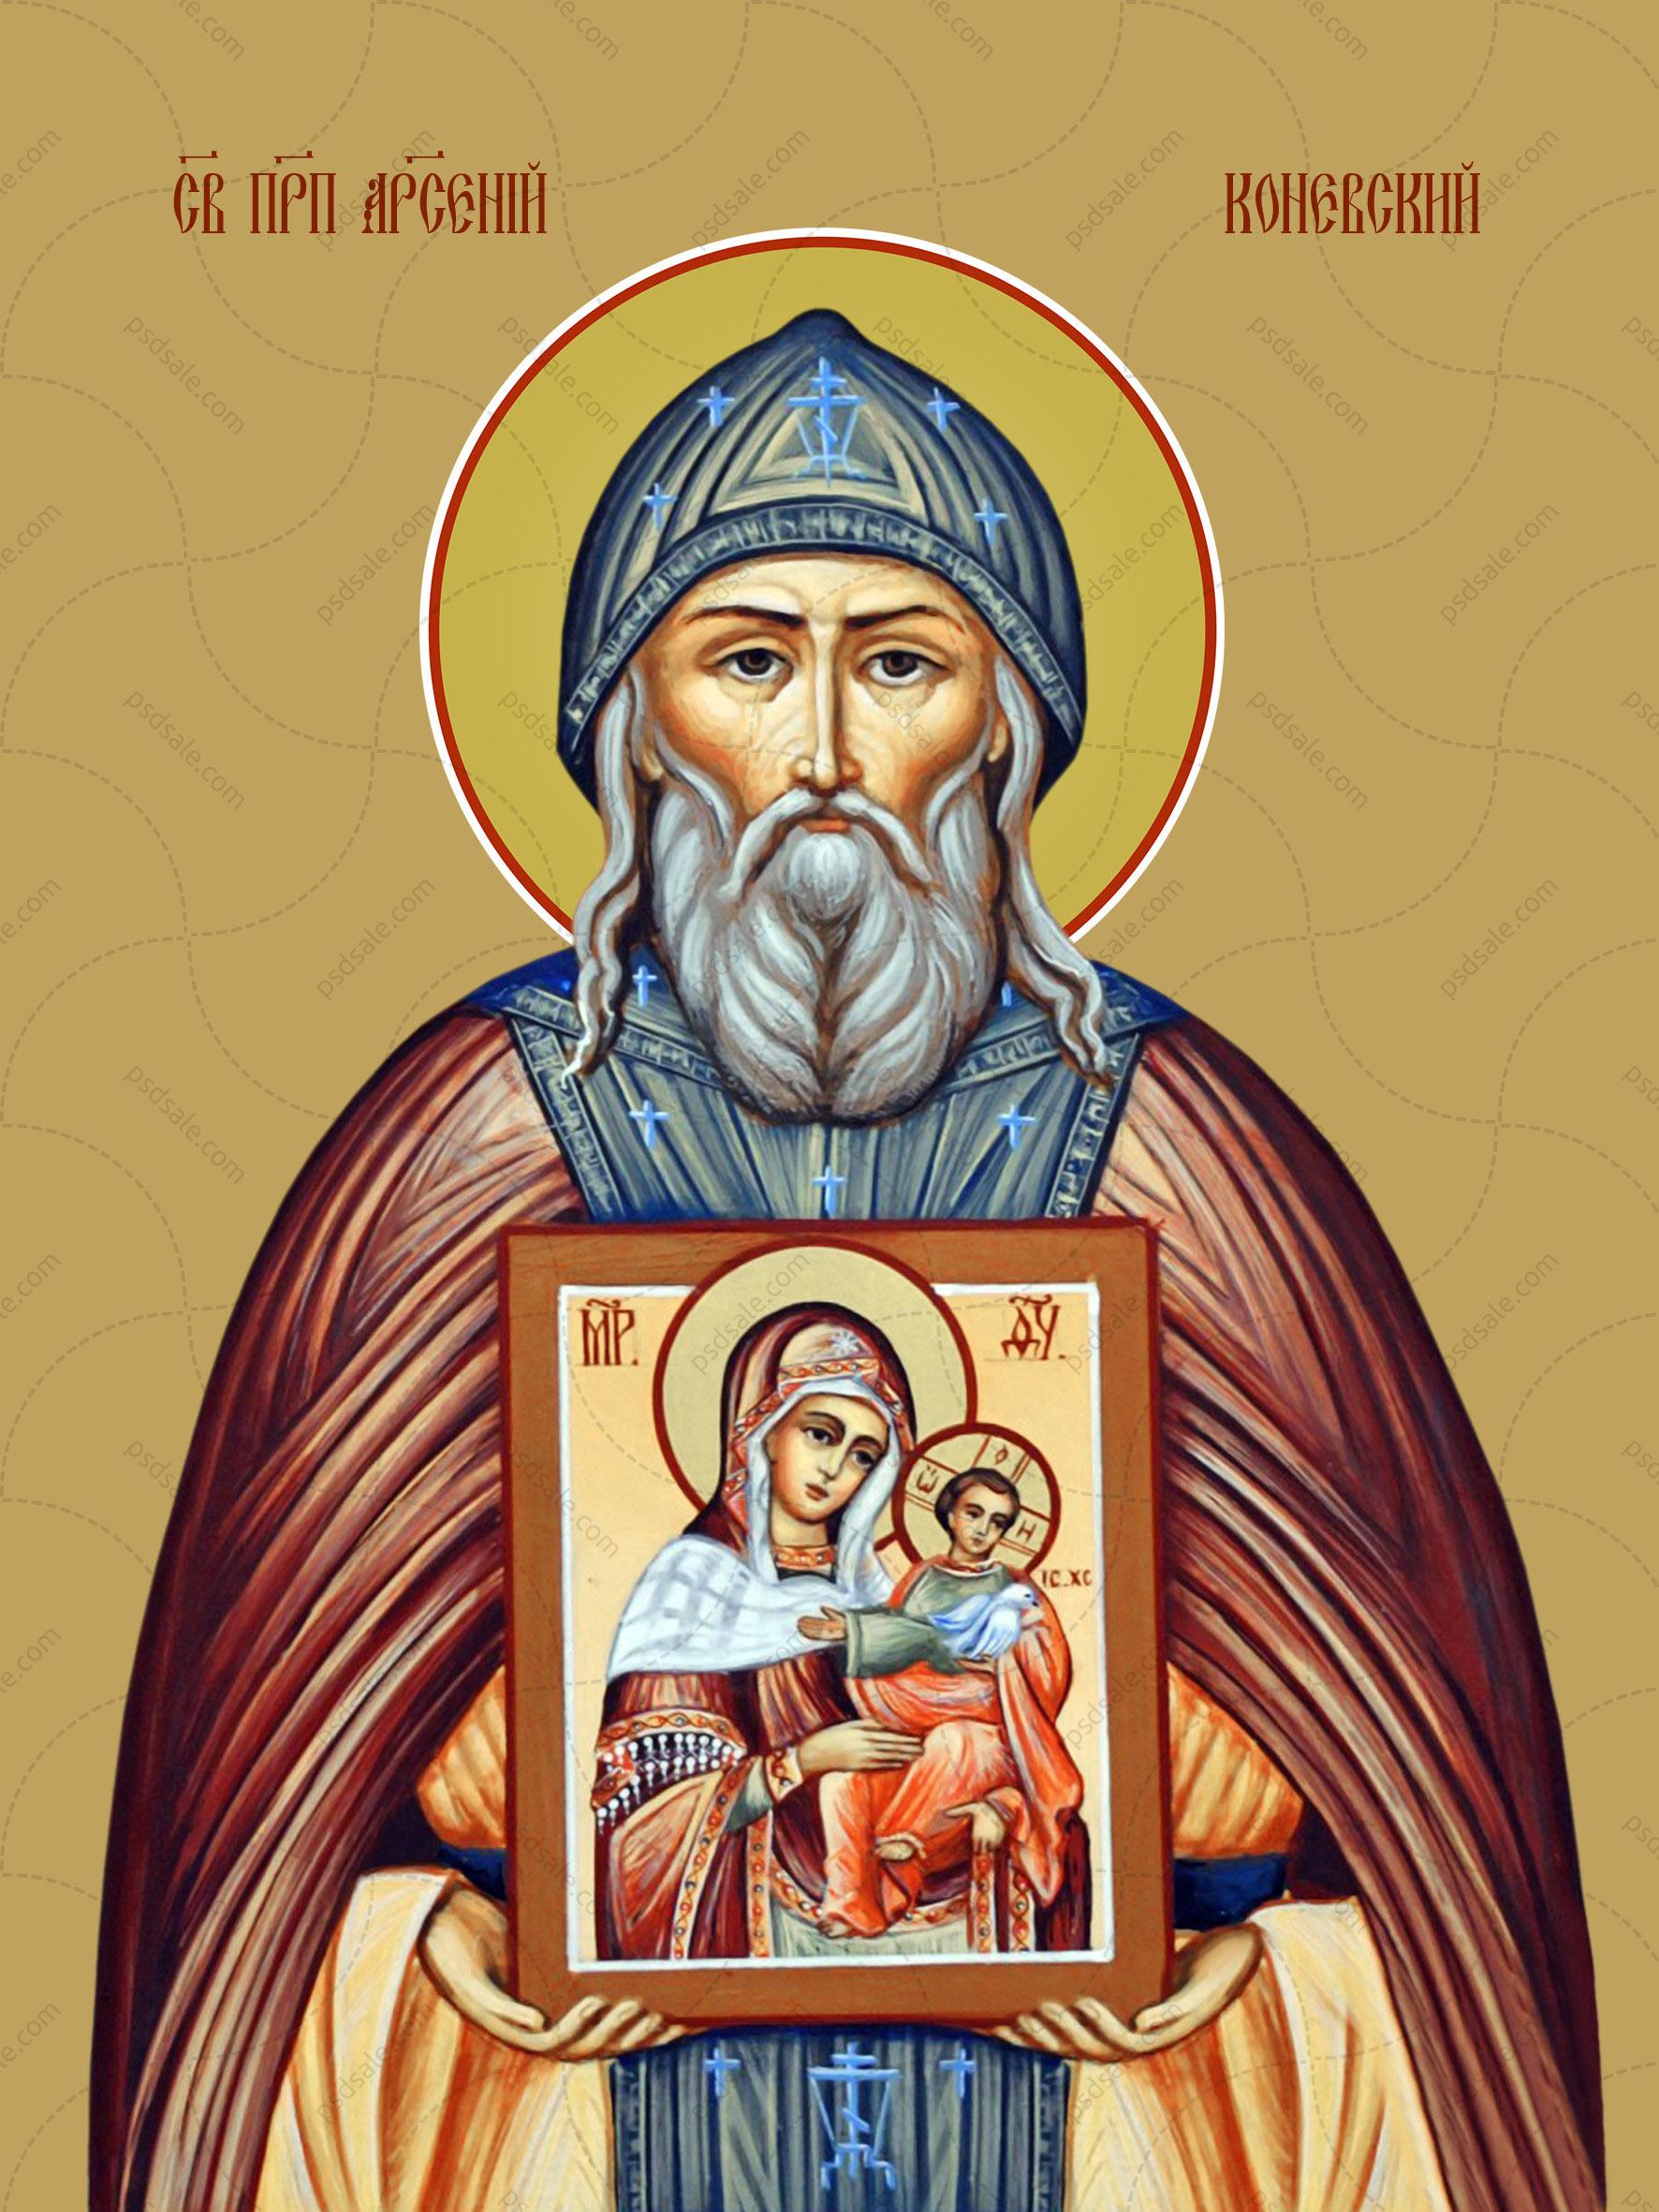 Арсений Коневский, преподобный